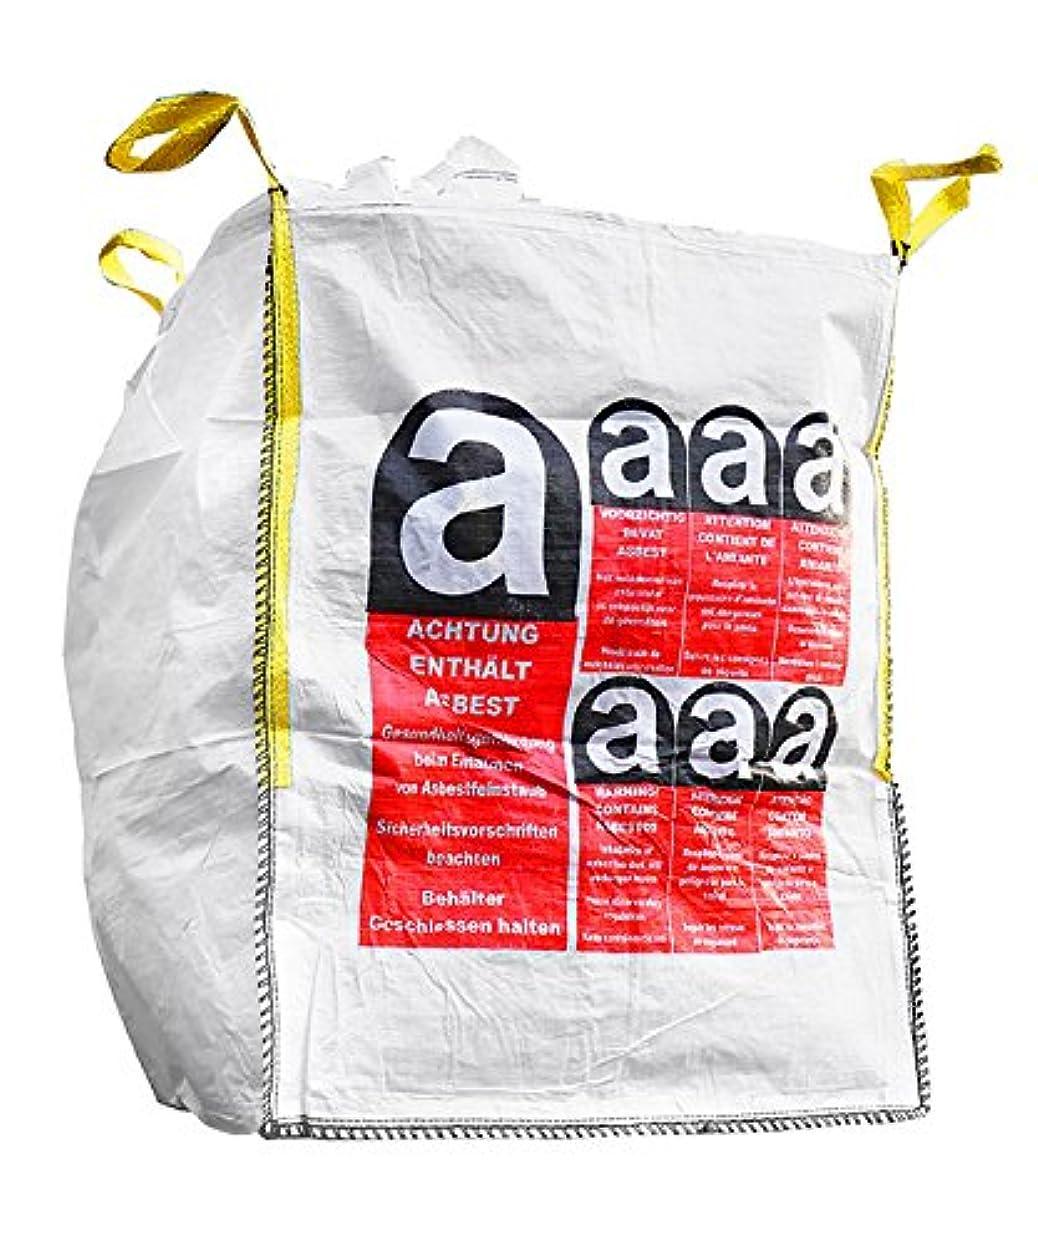 政権不健全報奨金Desabag 1.1013ビッグバッグ90 x 90 x 110 cm多目的、BB、警告アスベストSG 1000 kg、ホワイト